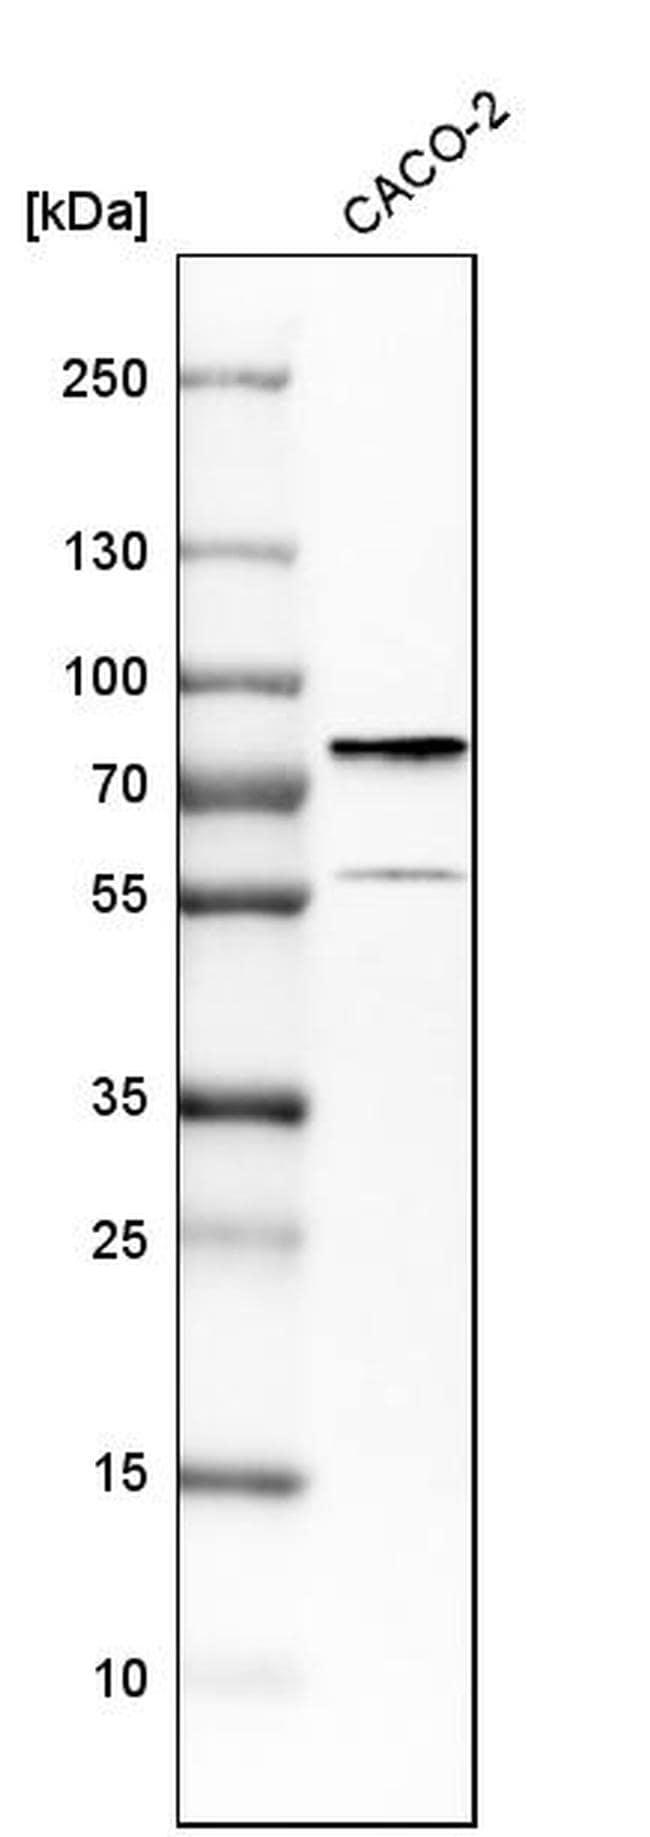 DDX41 Antibody in Western Blot (WB)